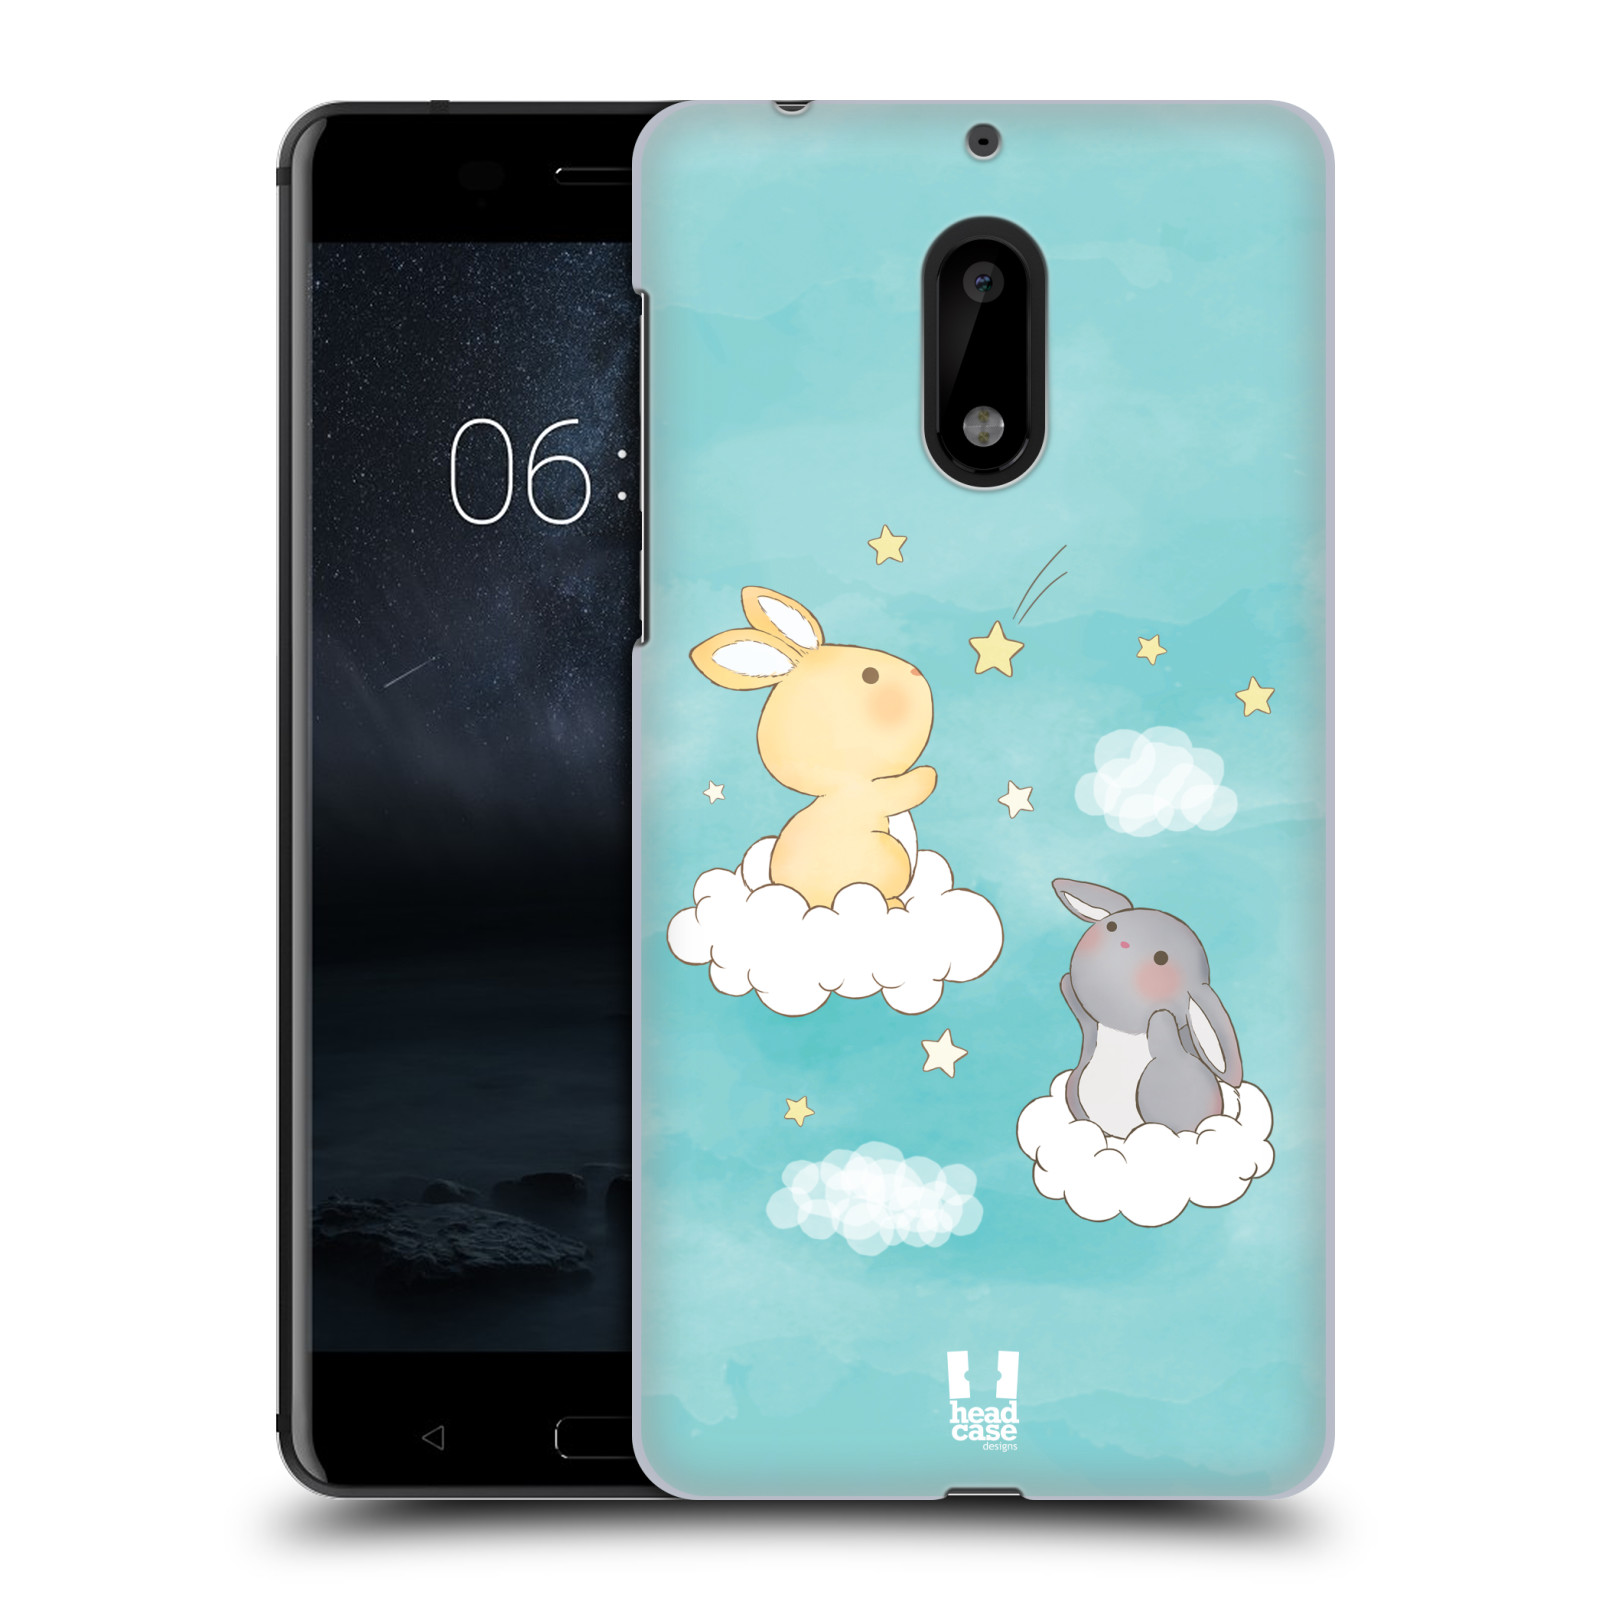 HEAD CASE plastový obal na mobil Nokia 6 vzor králíček a hvězdy modrá